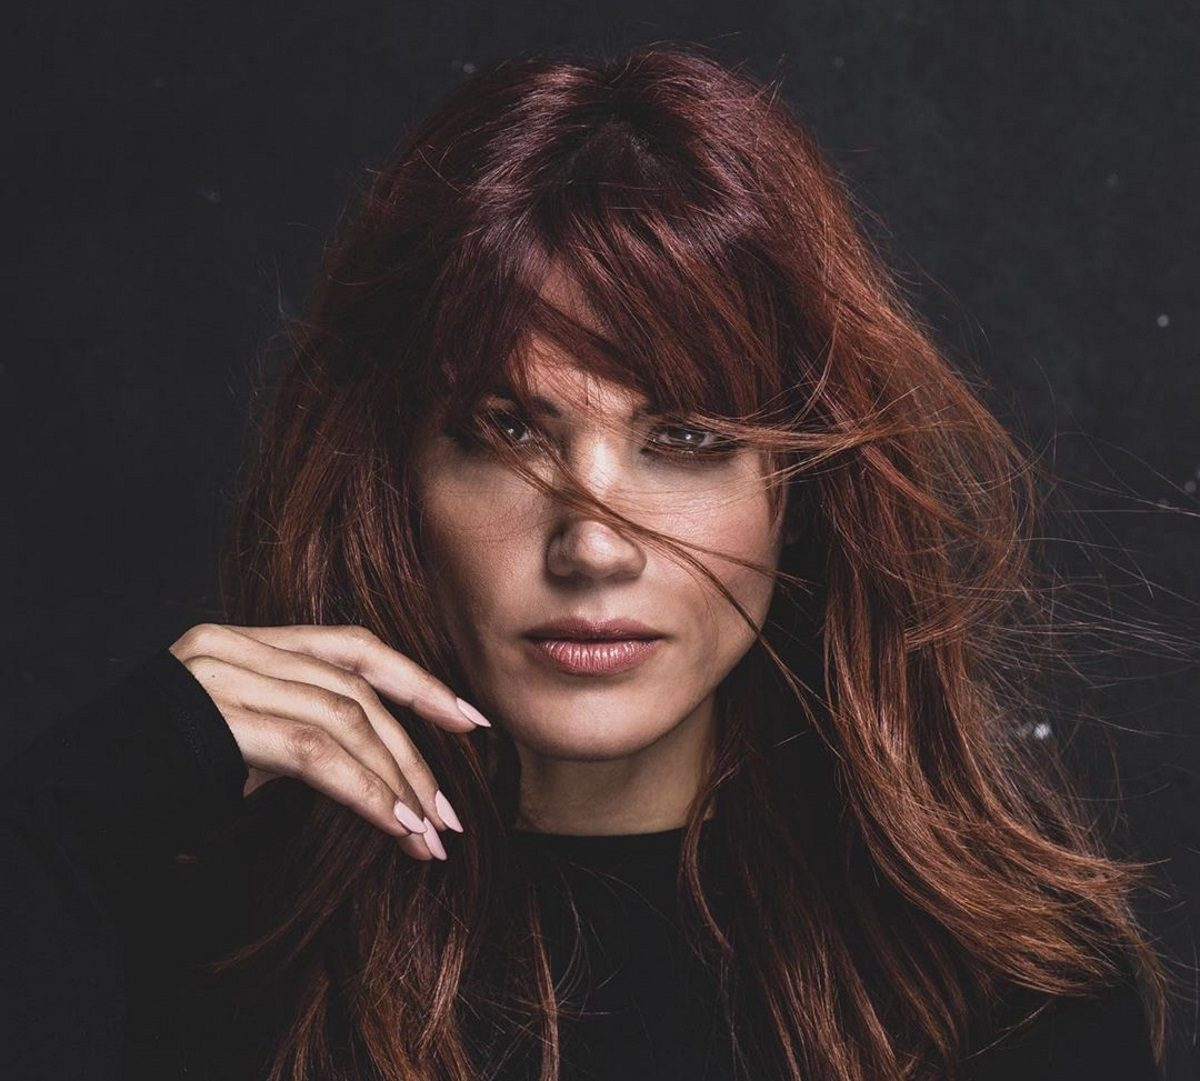 Μαίρη Συνατσάκη για Σοφία Κοκοσαλάκη: Η ιστορία της για τη σχεδιάστρια μόδας που δεν θα ξεχάσει ποτέ [pics] | tlife.gr